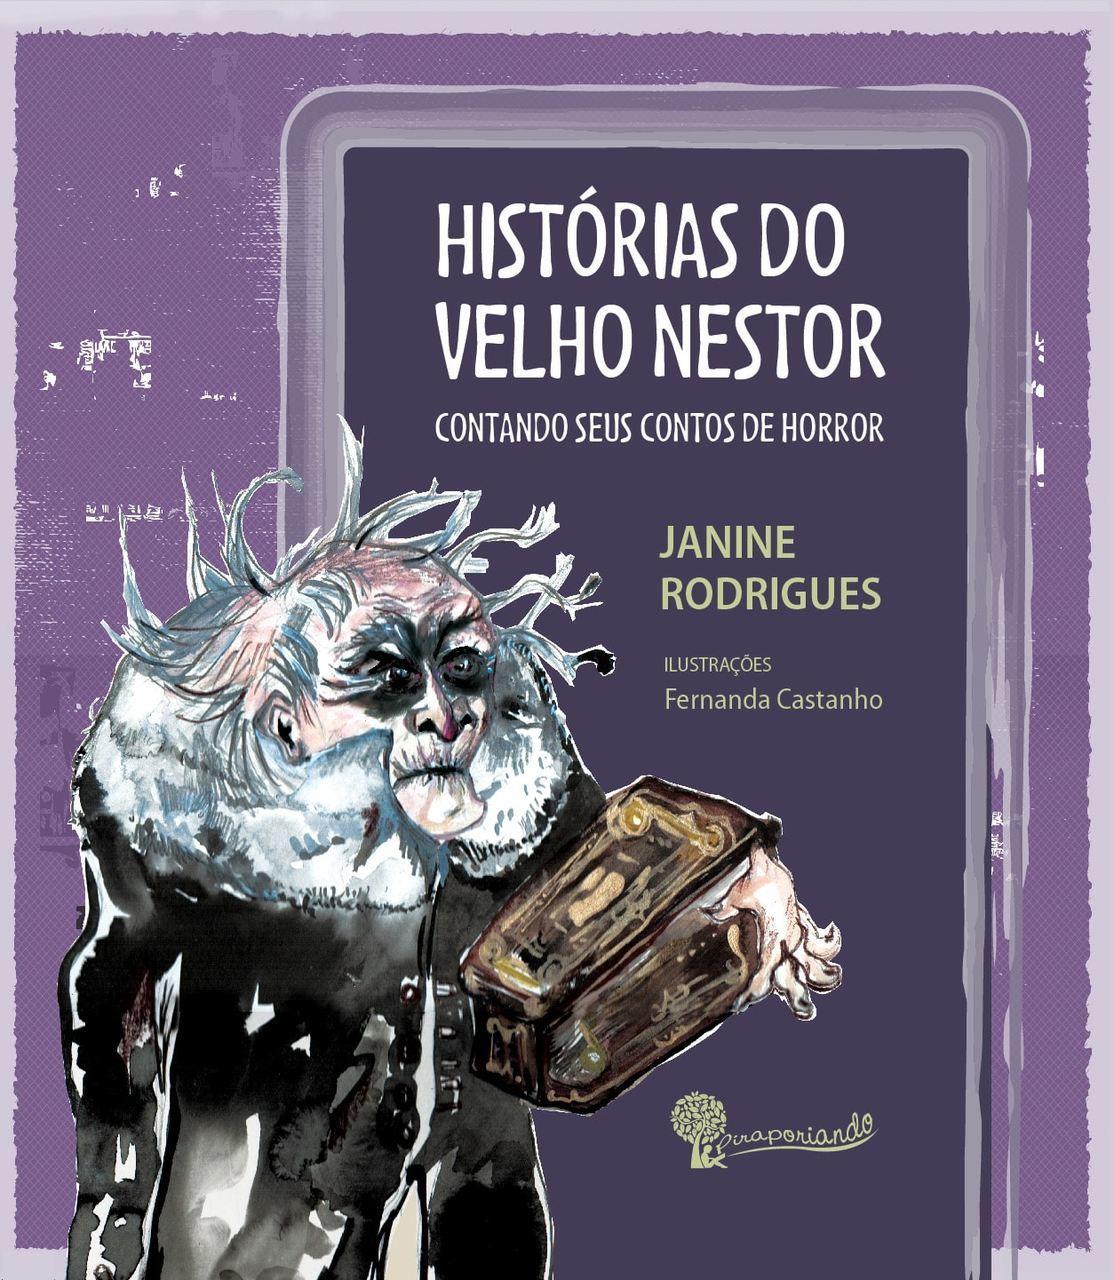 Histórias do velho Nestor, Contando Seus Contos de Horror - Obra Literária + Encarte de Atividades